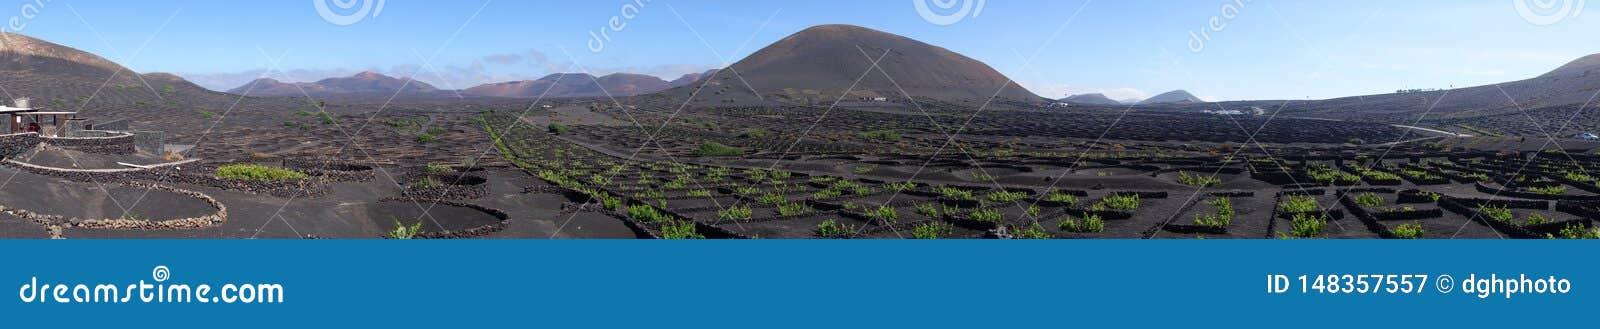 Panorama dorośnięcie w losie angeles Geria na wyspie Lanzarote, wyspy kanaryjskie